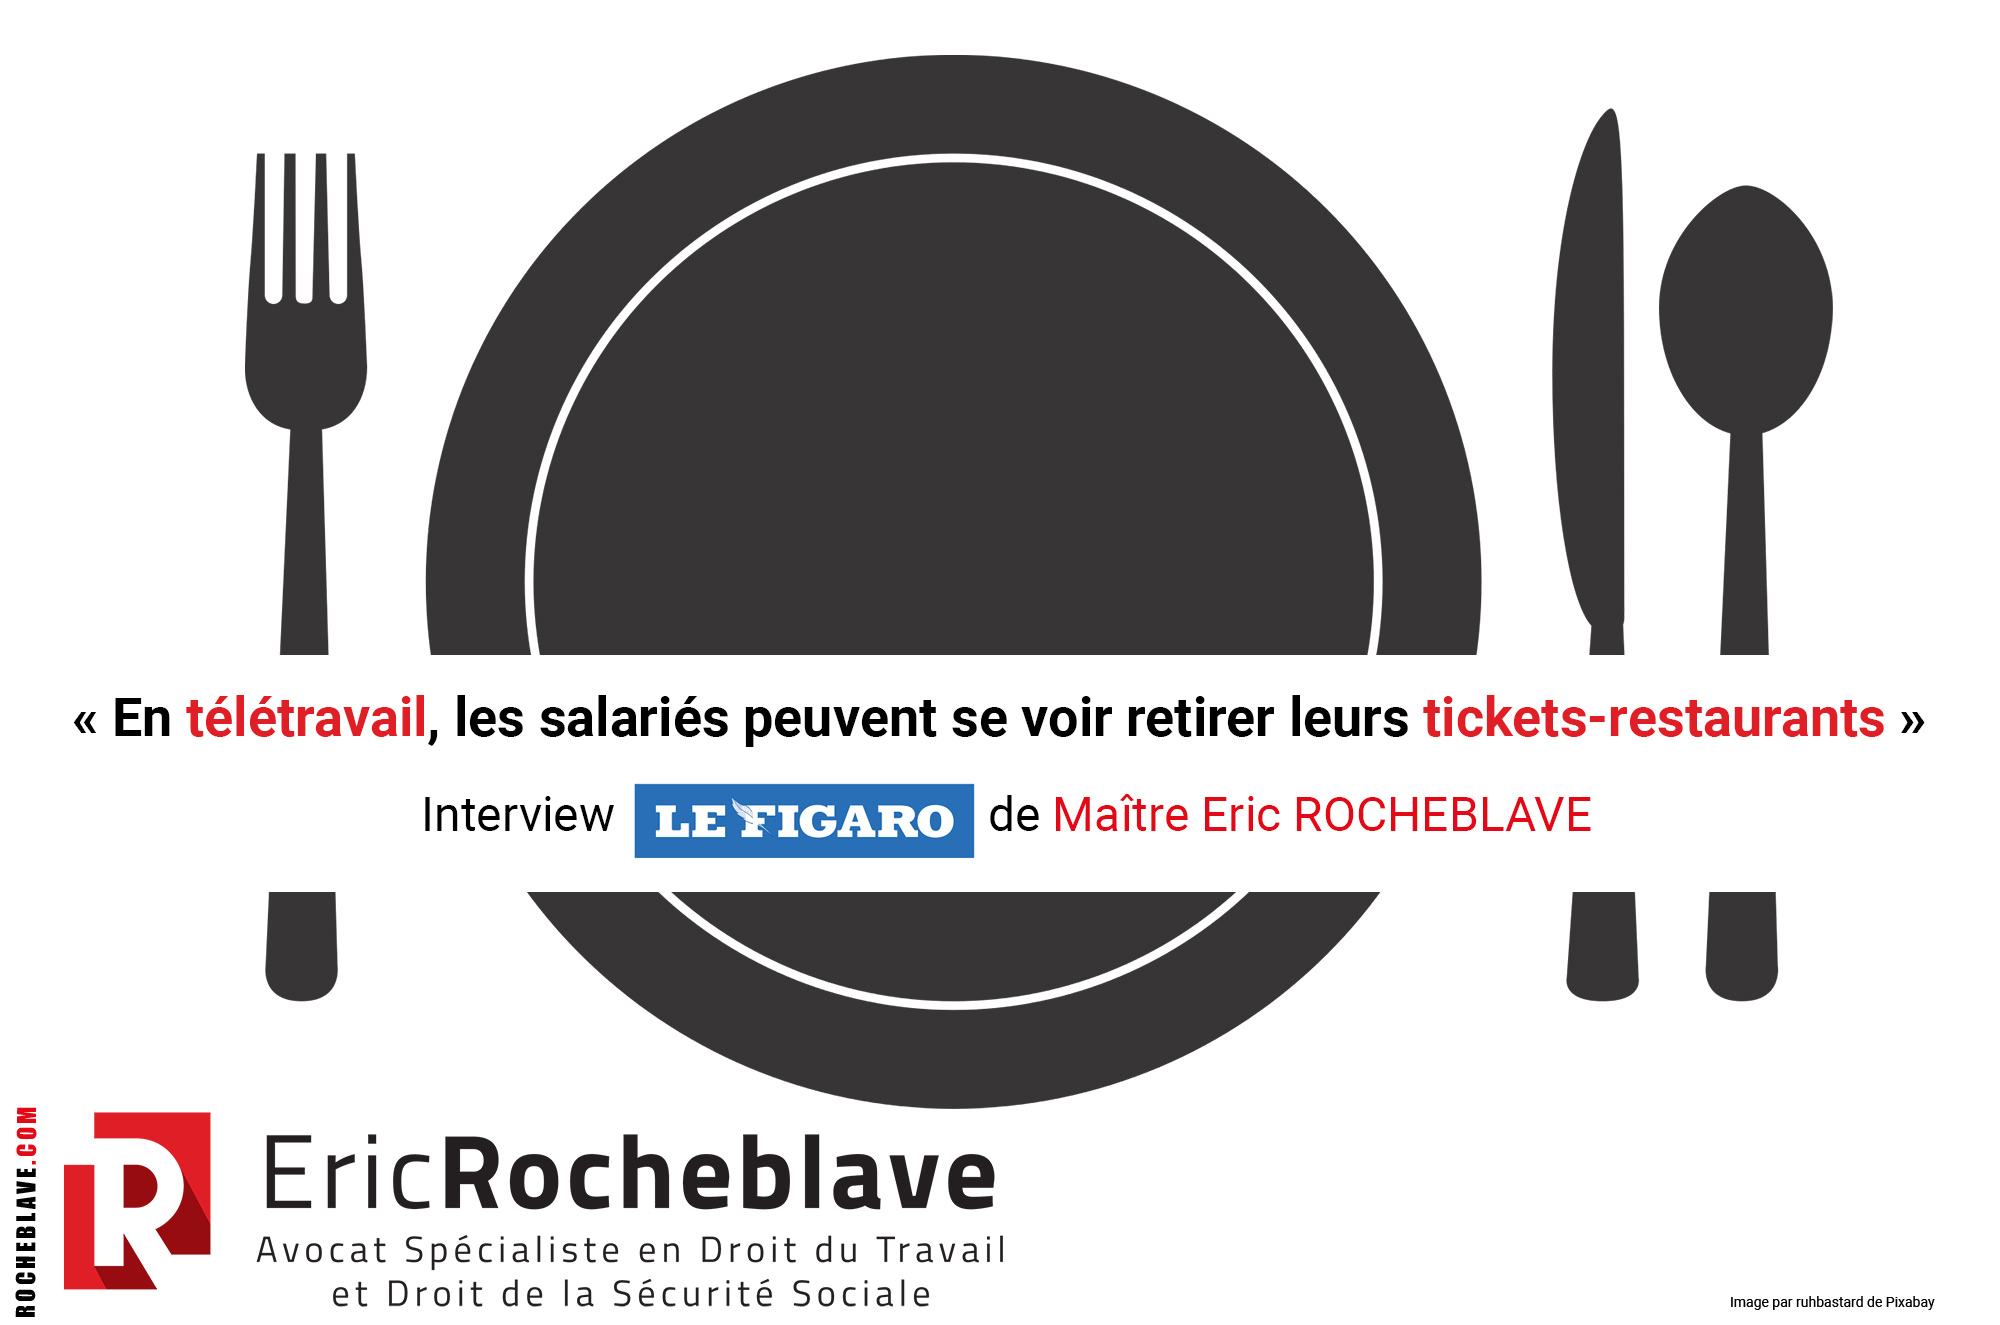 « En télétravail, les salariés peuvent se voir retirer leurs tickets-restaurants » Interview Le Figaro de Maître Eric ROCHEBLAVE